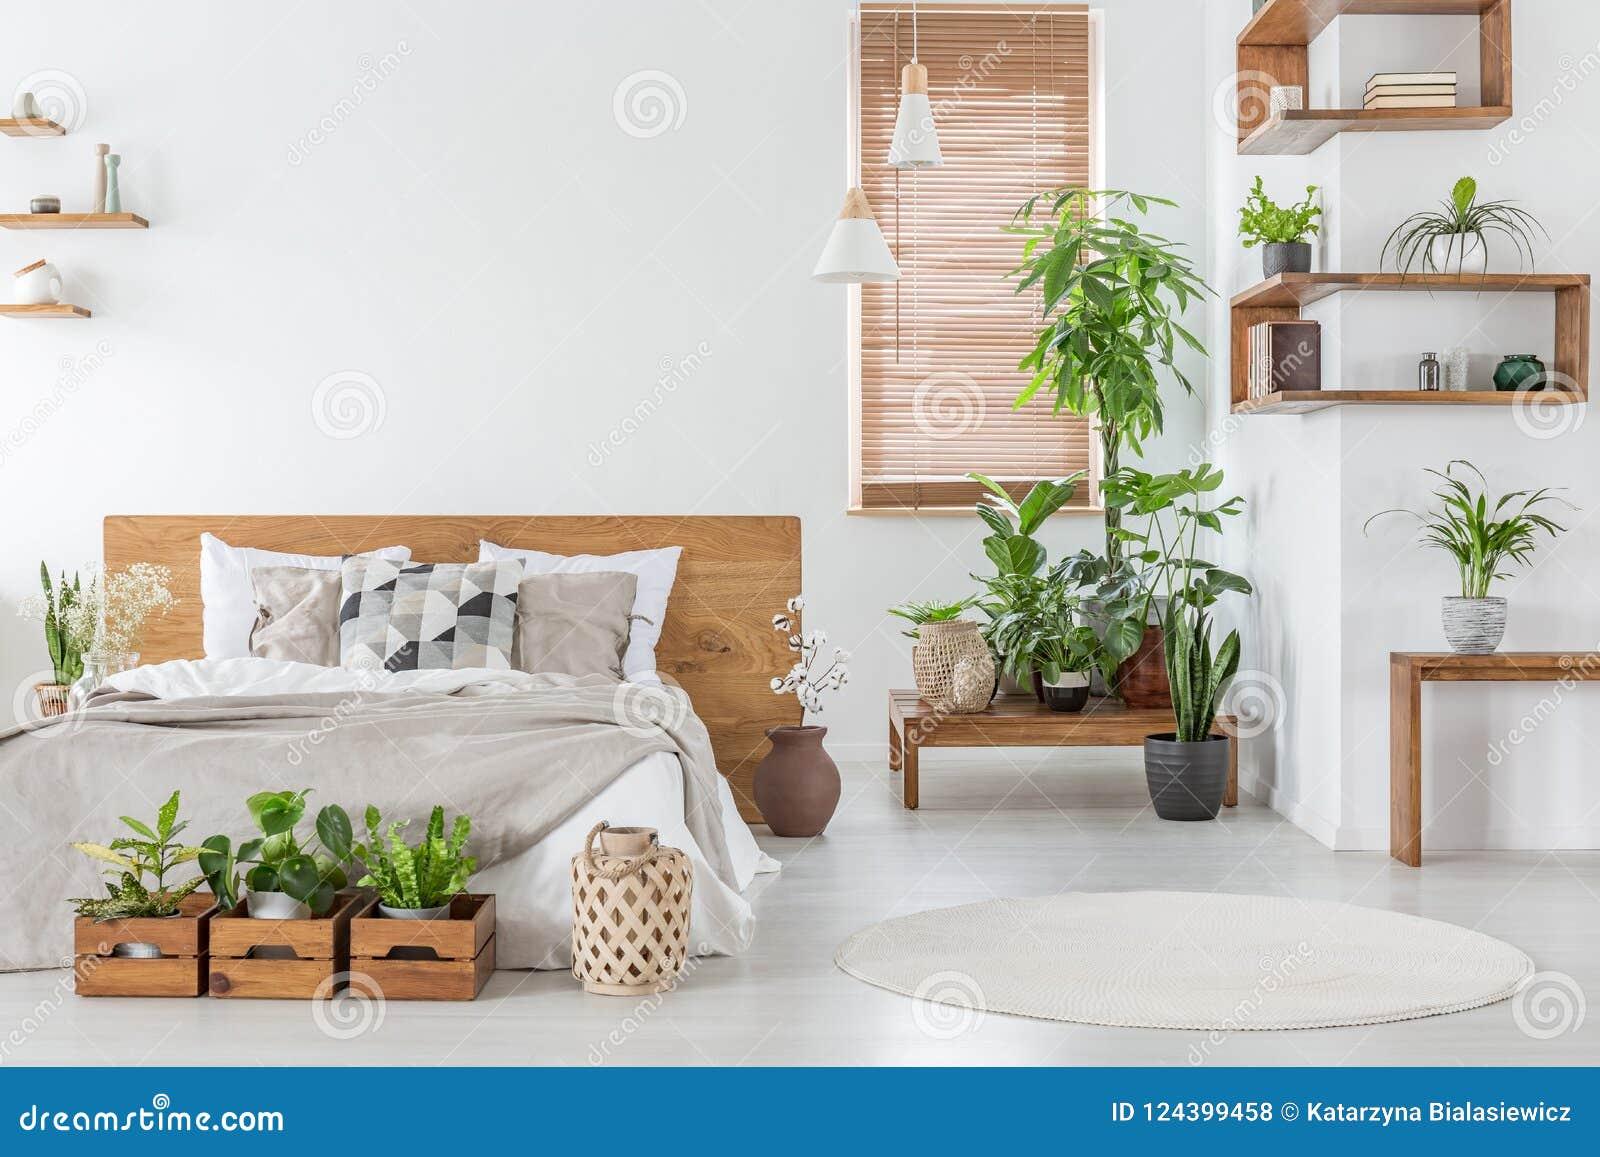 Реальное фото ботанического интерьера спальни с деревянными полками,